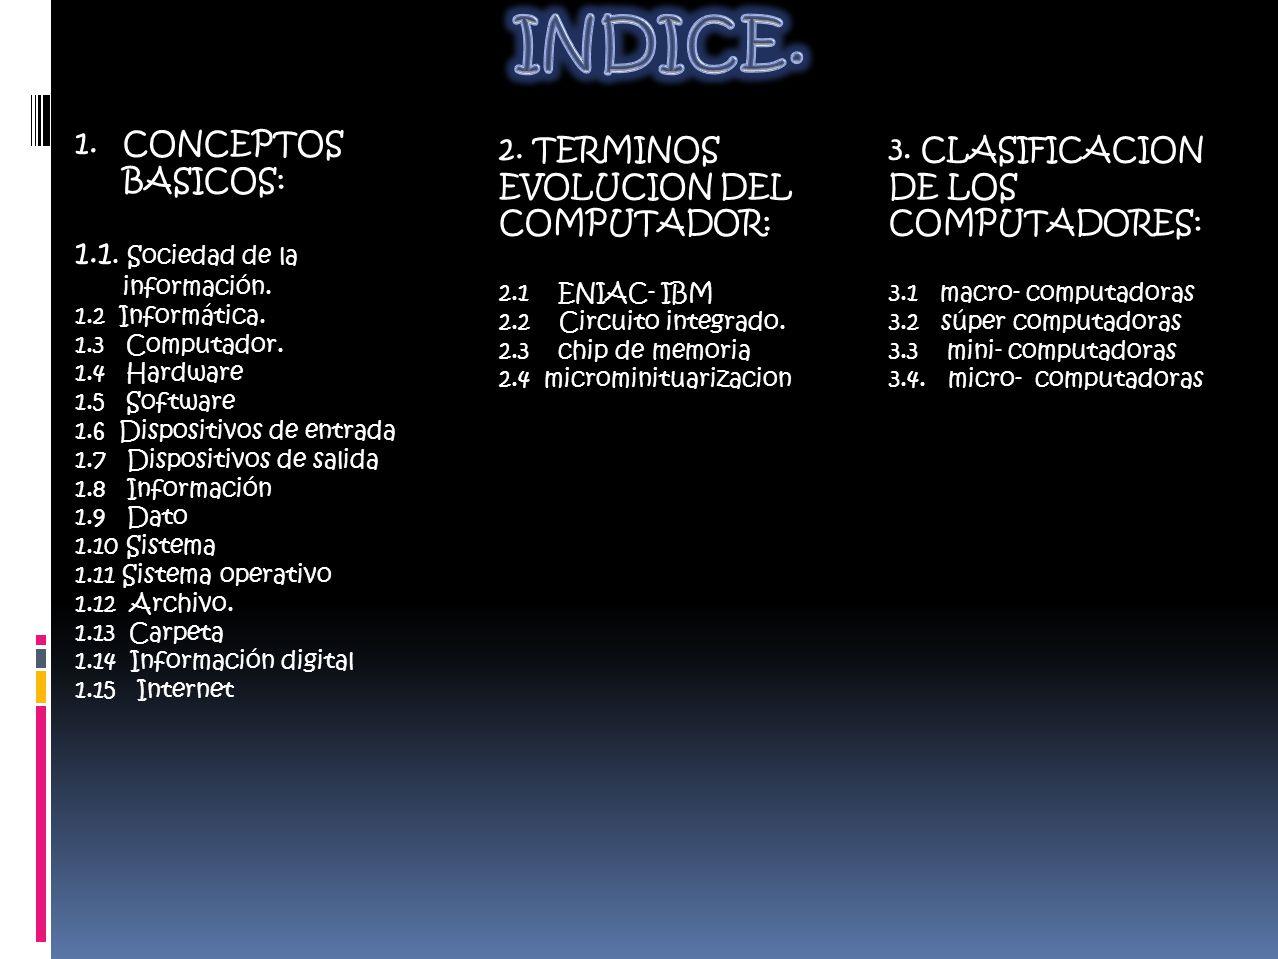 1.CONCEPTOS BASICOS: 1.1. Sociedad de la información.